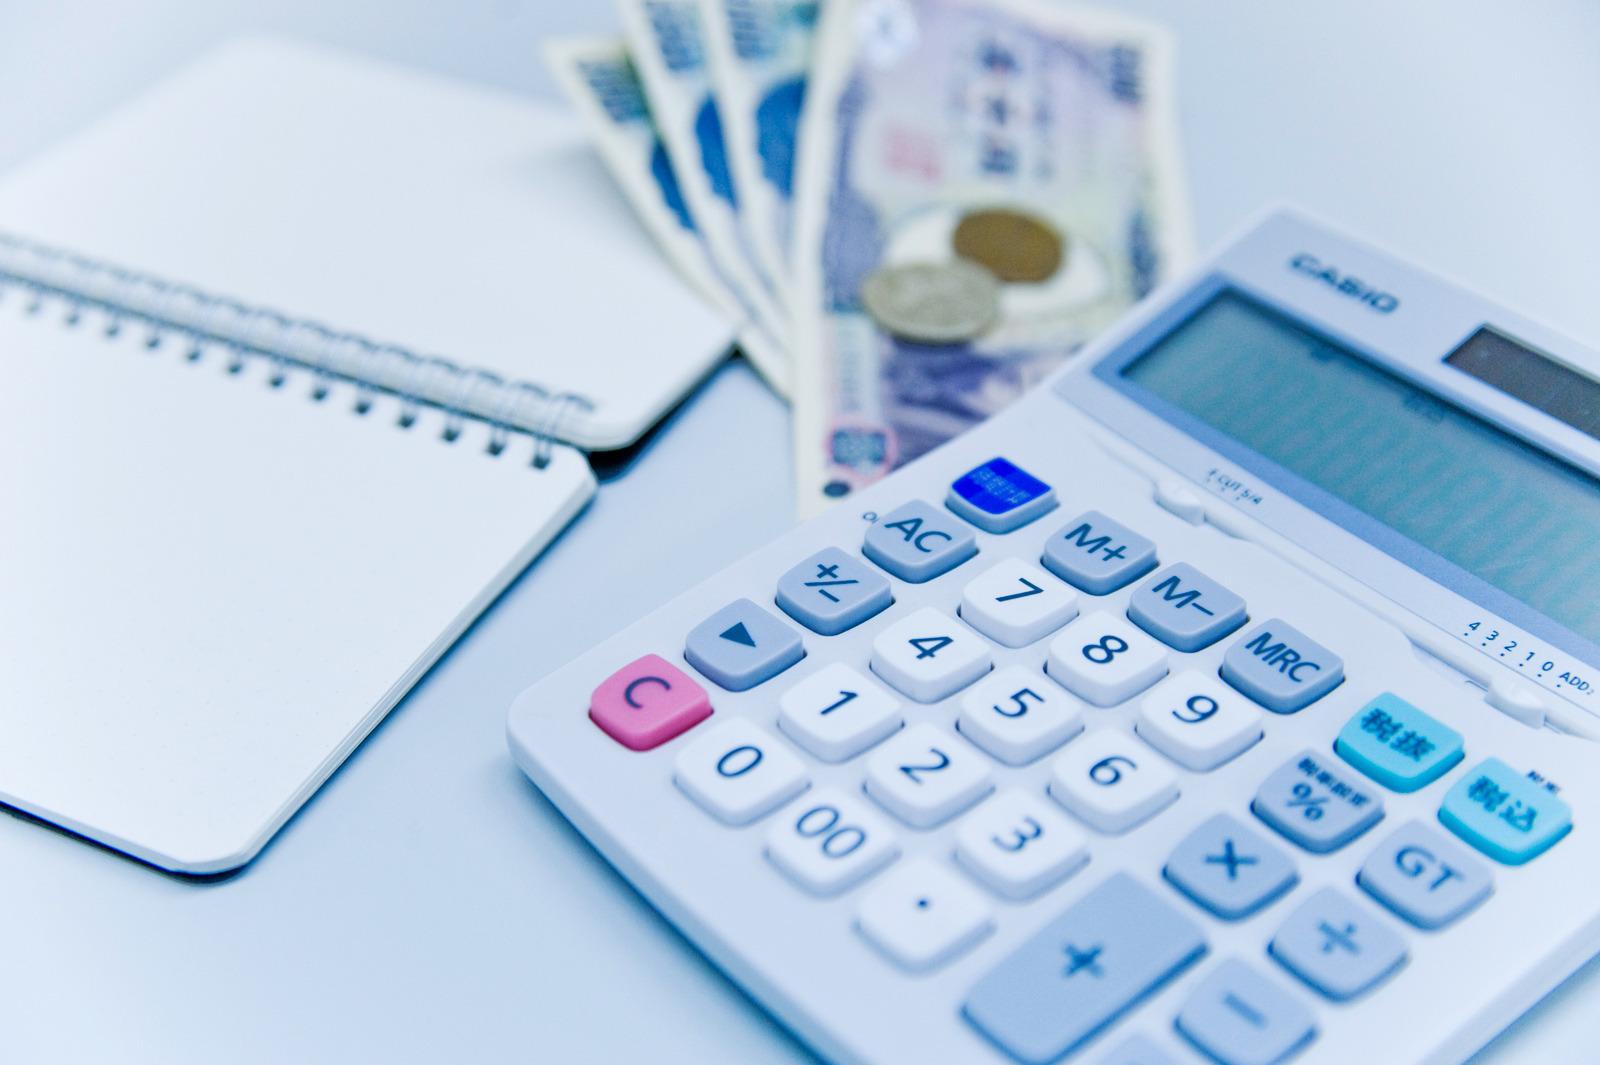 毎月の住宅ローン返済はどのぐらいが適正なのか?